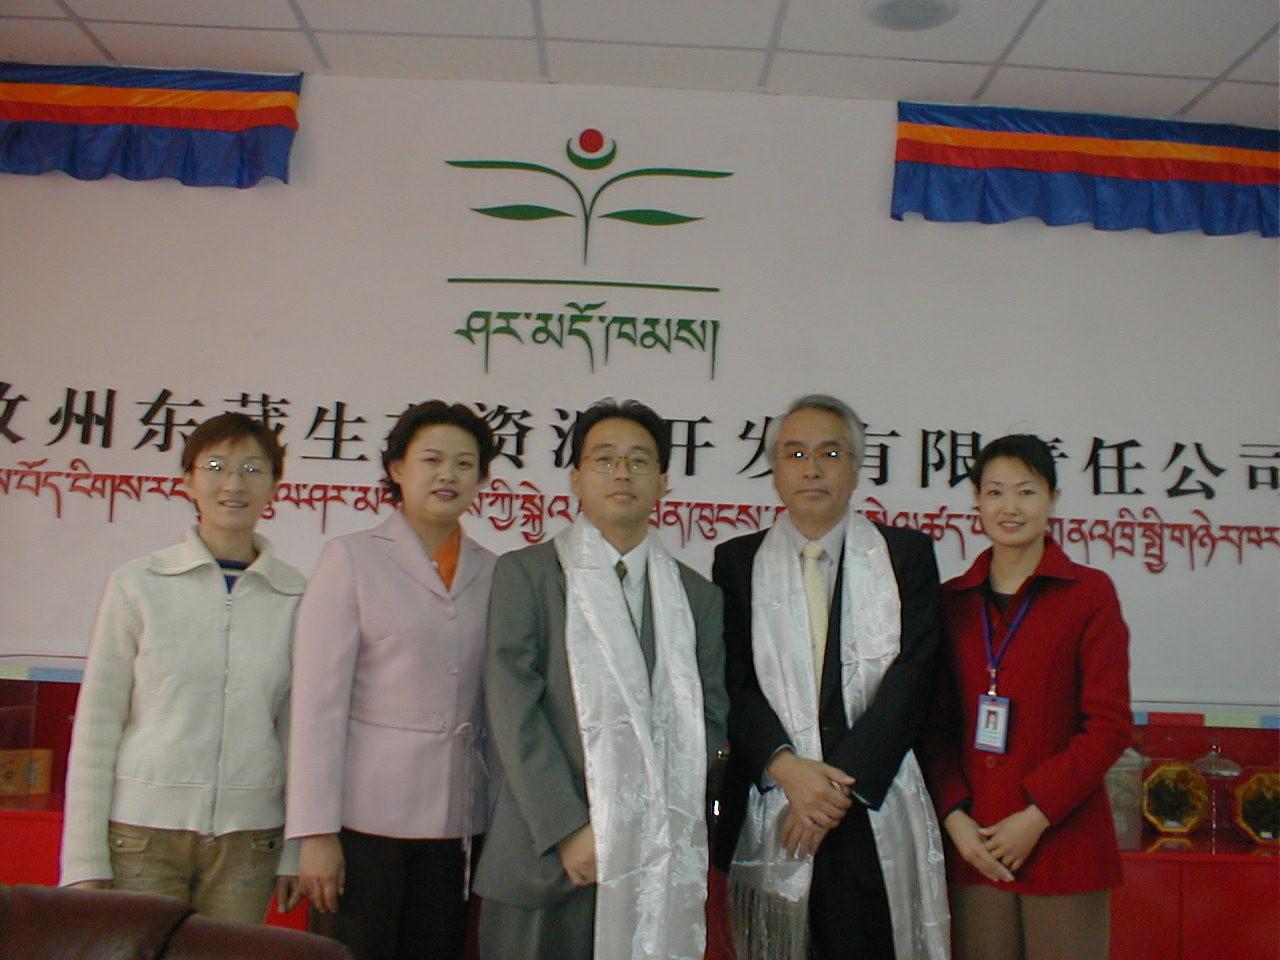 2004 四川省経済ミッション 参加 繊維会社訪問